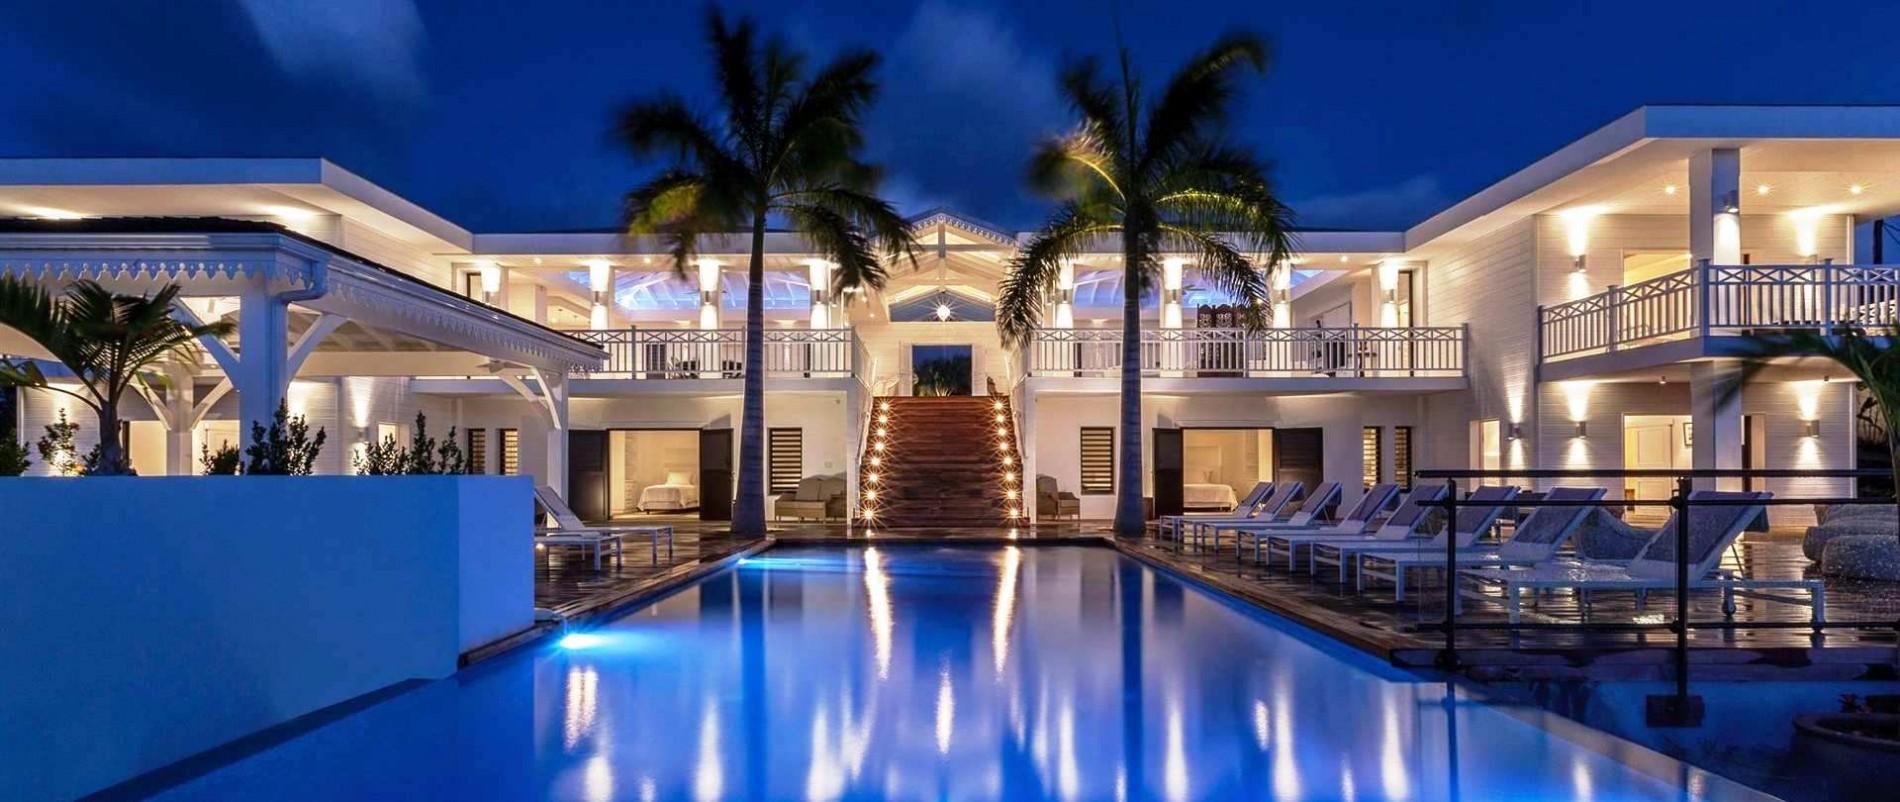 Always - Ocean View - luxurious 6 Bedroom Villa